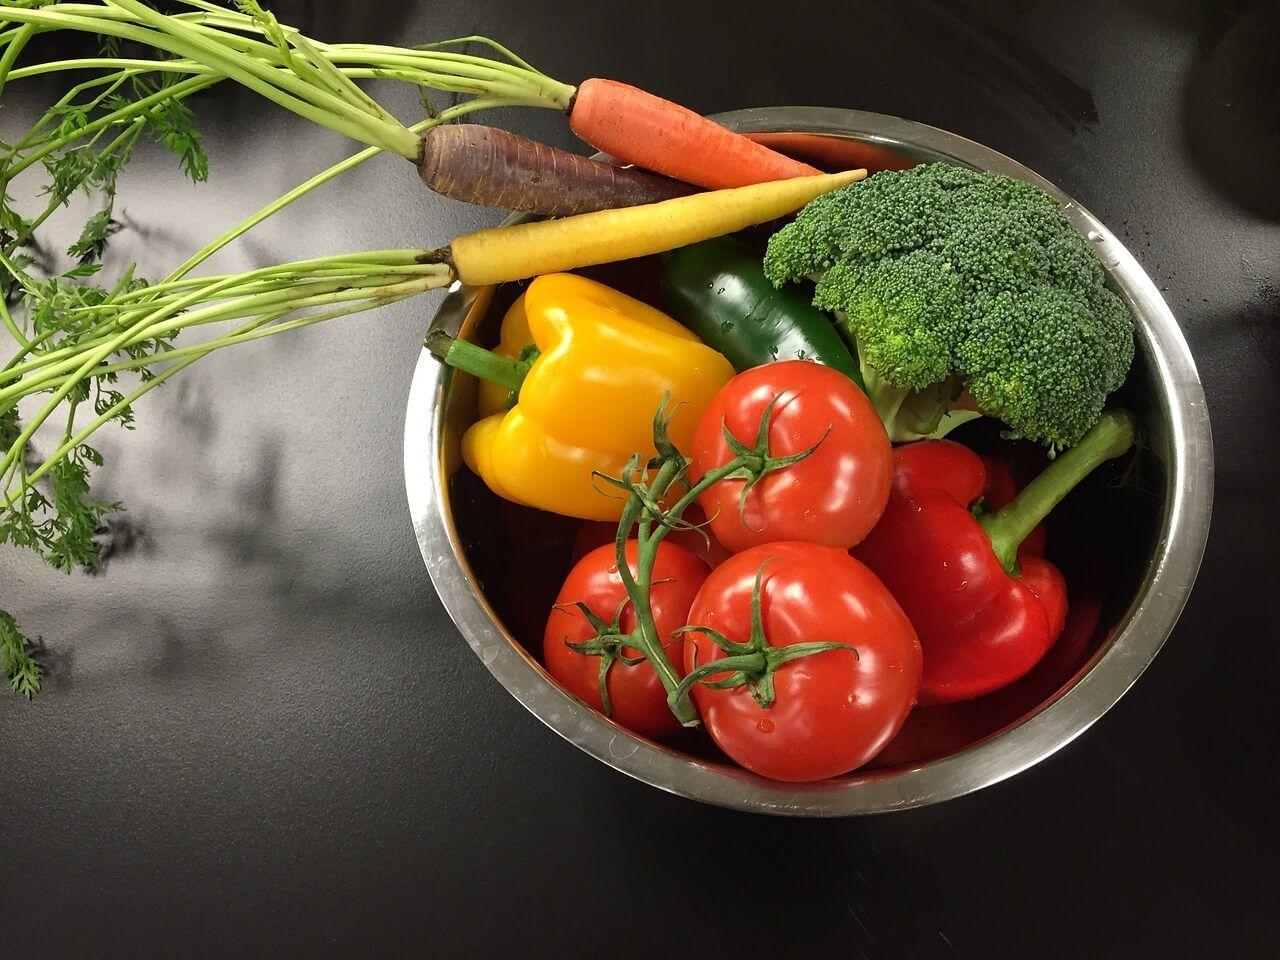 Breves pautas recomendables en alimentación. Que sin duda pueden ayudarte, durante el confinamiento que estamos sufriendo. Por Nutrisalia.